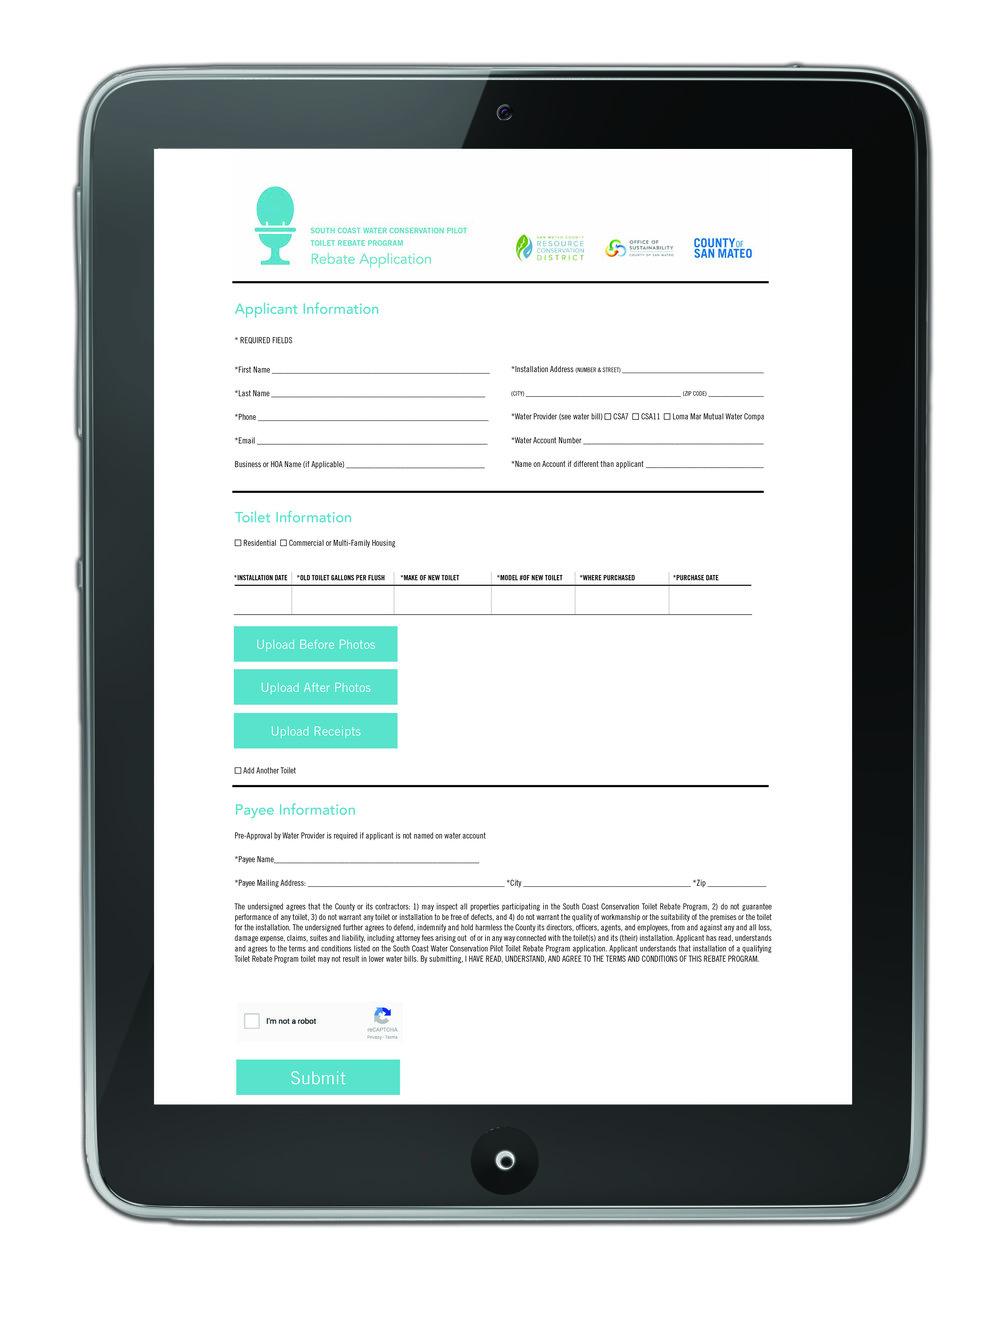 wordpress website form